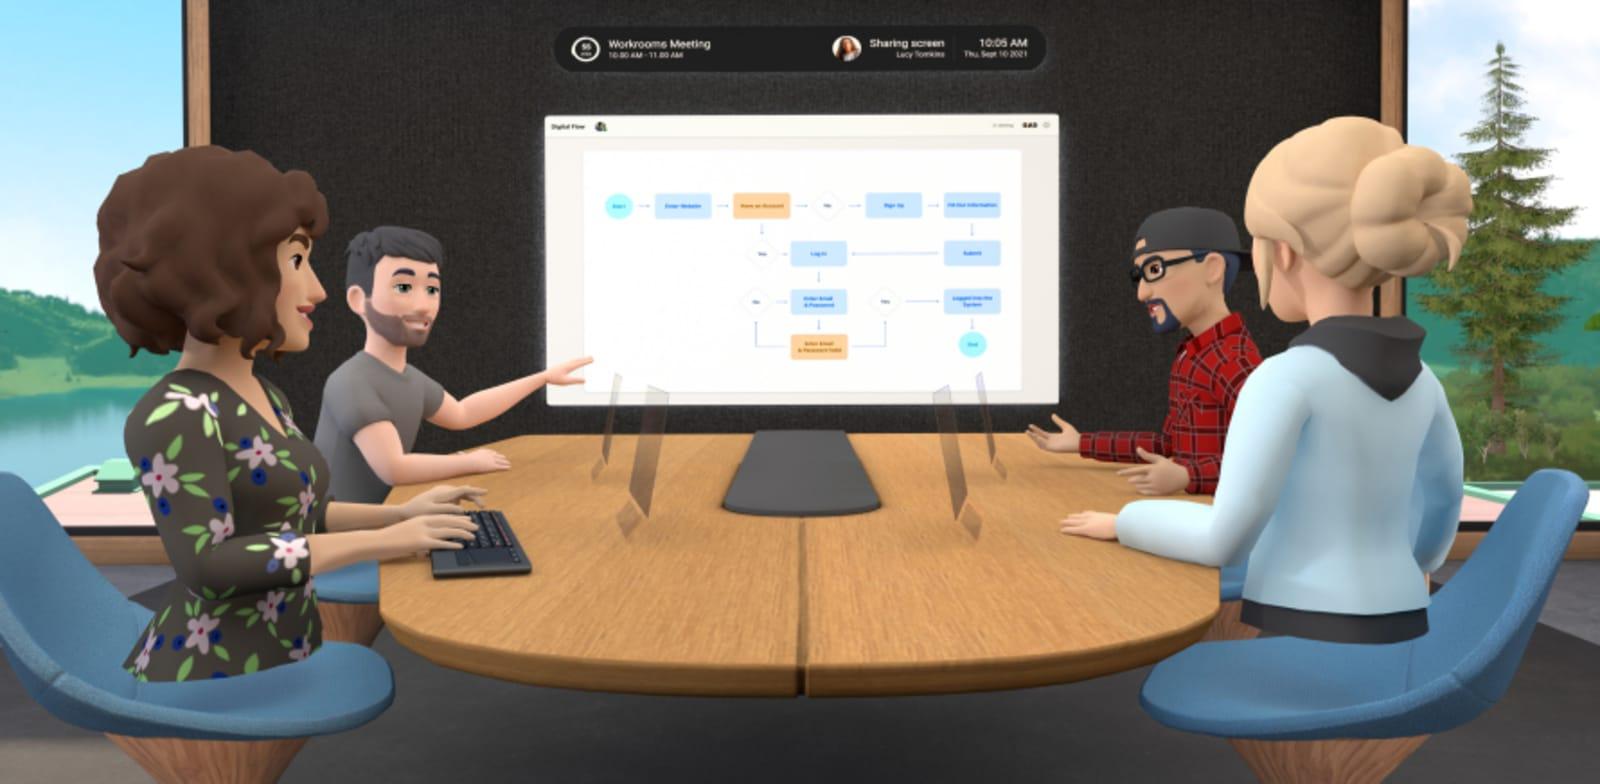 חדר עבודה וירטואלי של פייסבוק / צילום: פייסבוק